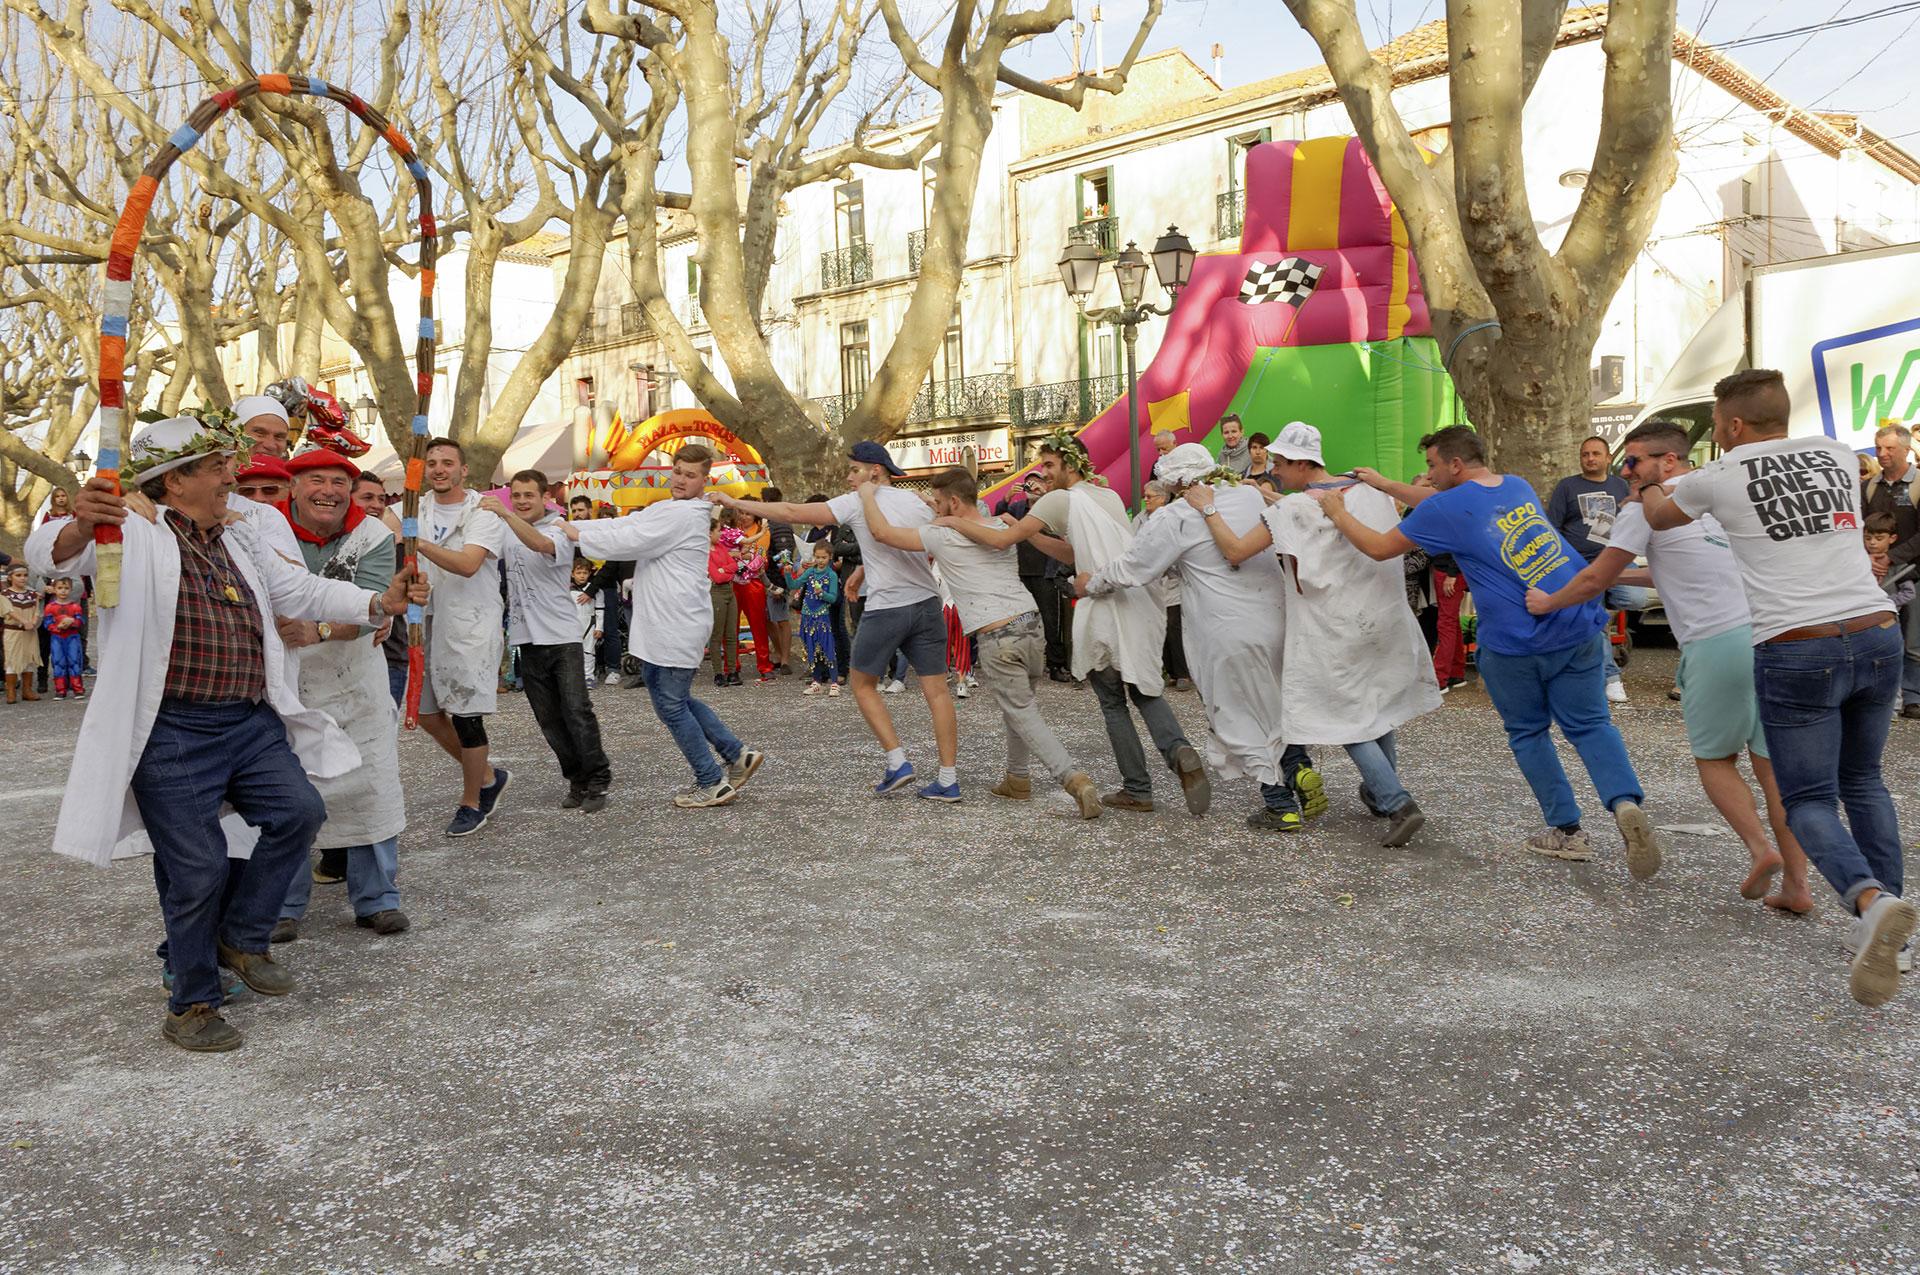 Carnaval de la ville